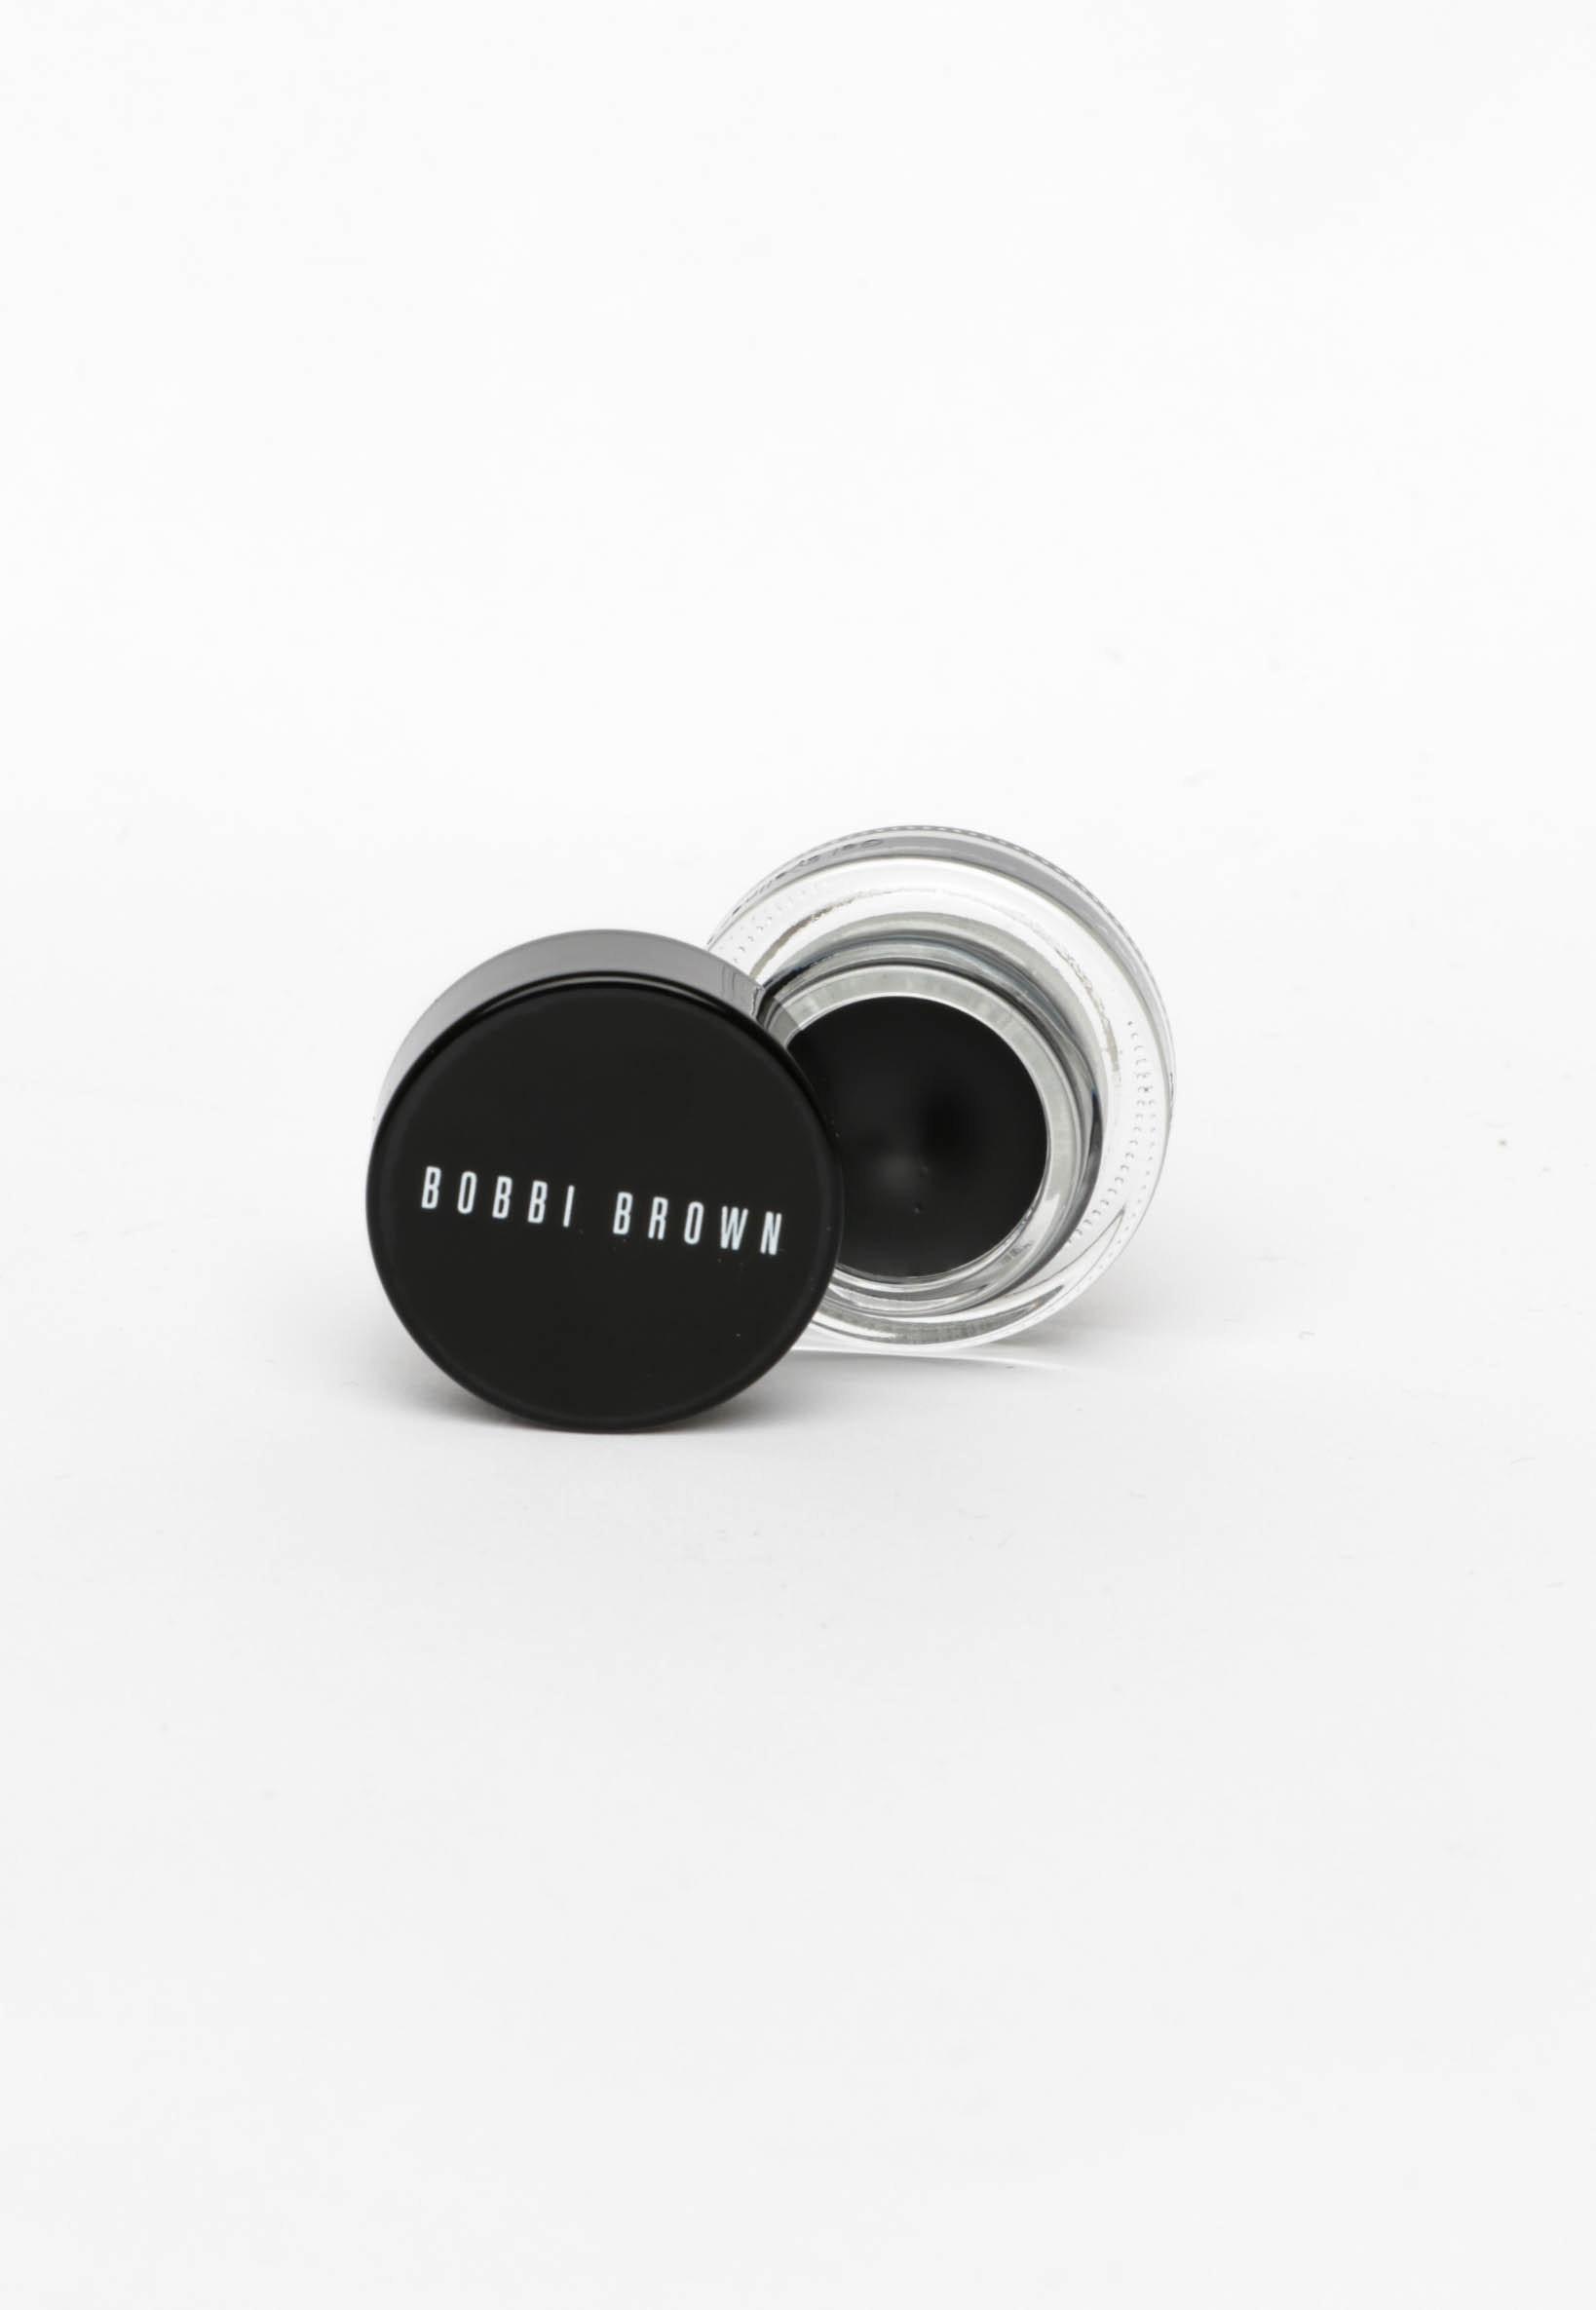 Bobbi Brown Long-Wear Gel Eyeliner #01 Black Ink 3 gms